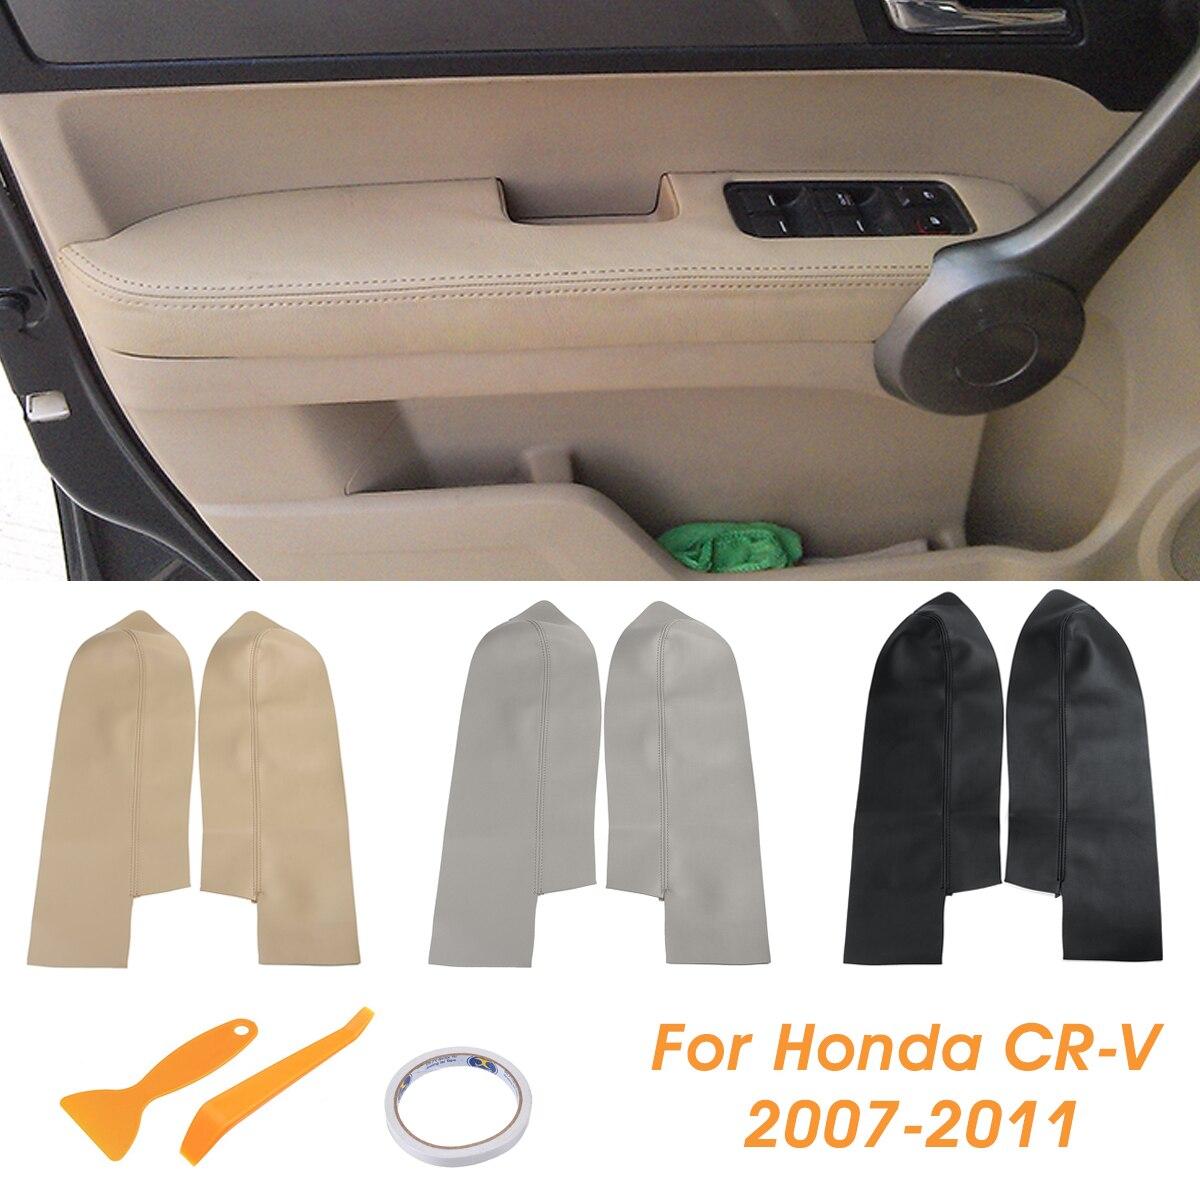 Paire de panneaux de porte avant en cuir pour Honda CRV 2007 2008 2009 2010 2011 2012 noir/Beige/gris